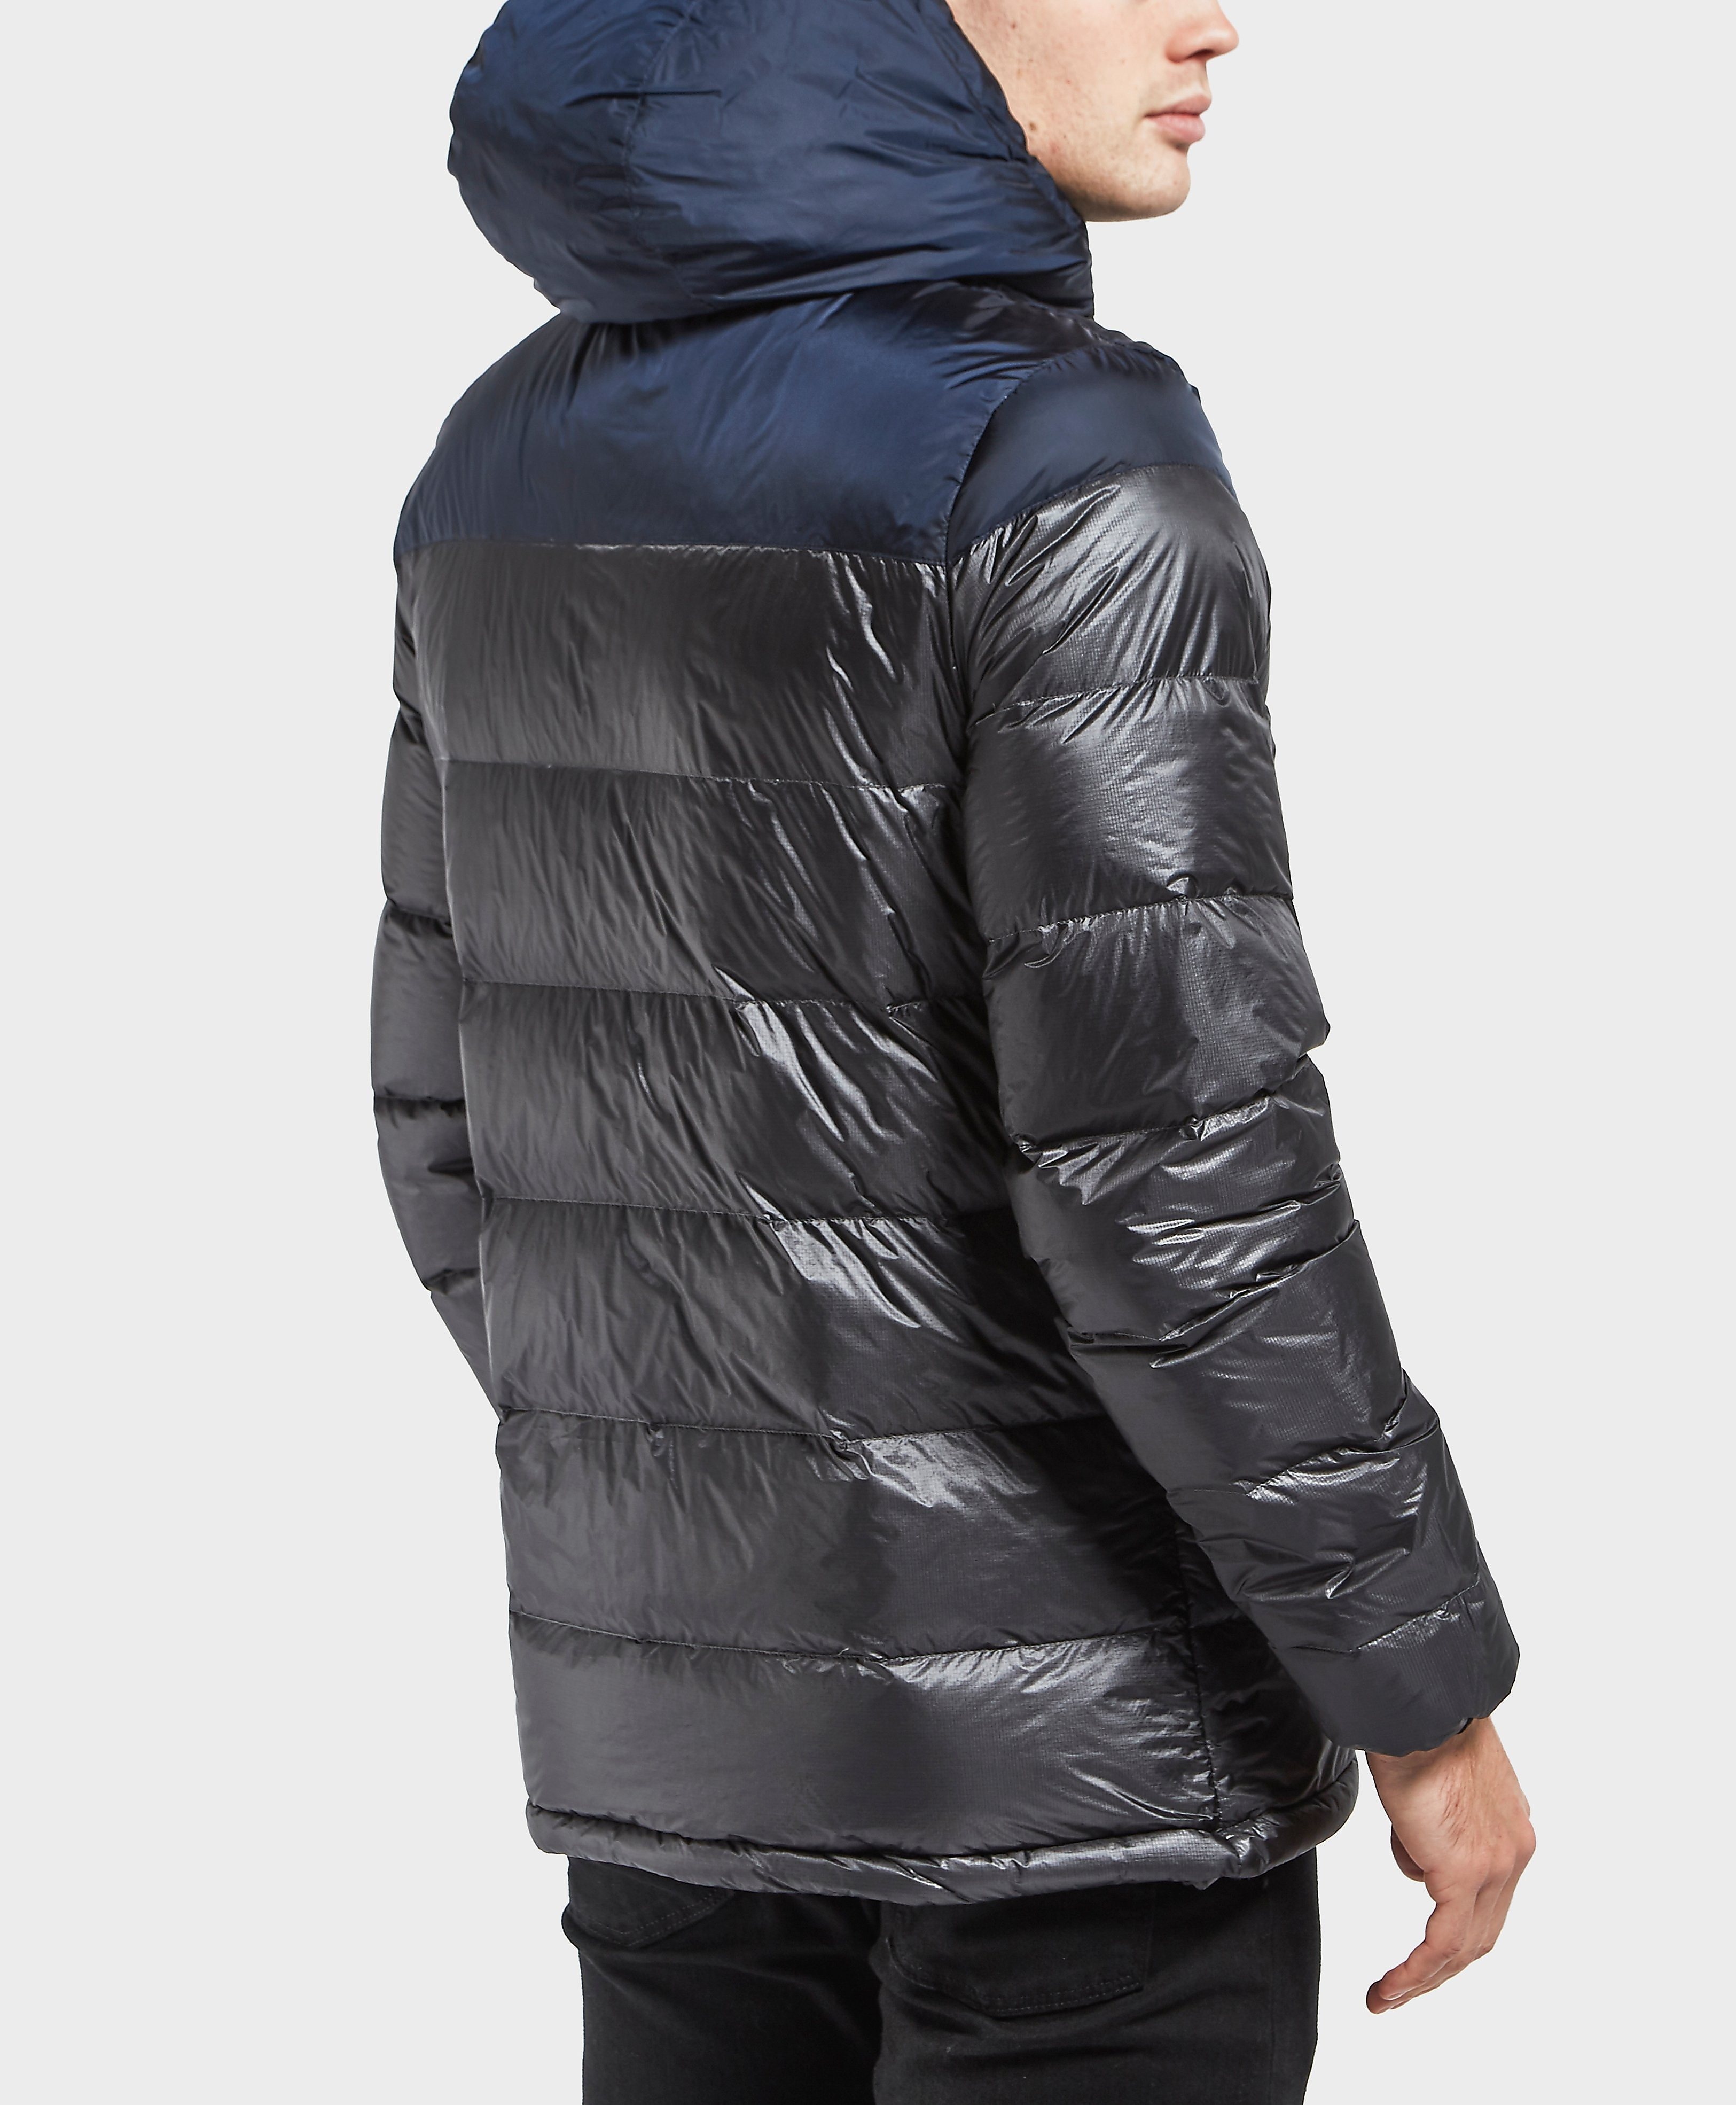 NORTH SAILS Ripstop Padded Jacket